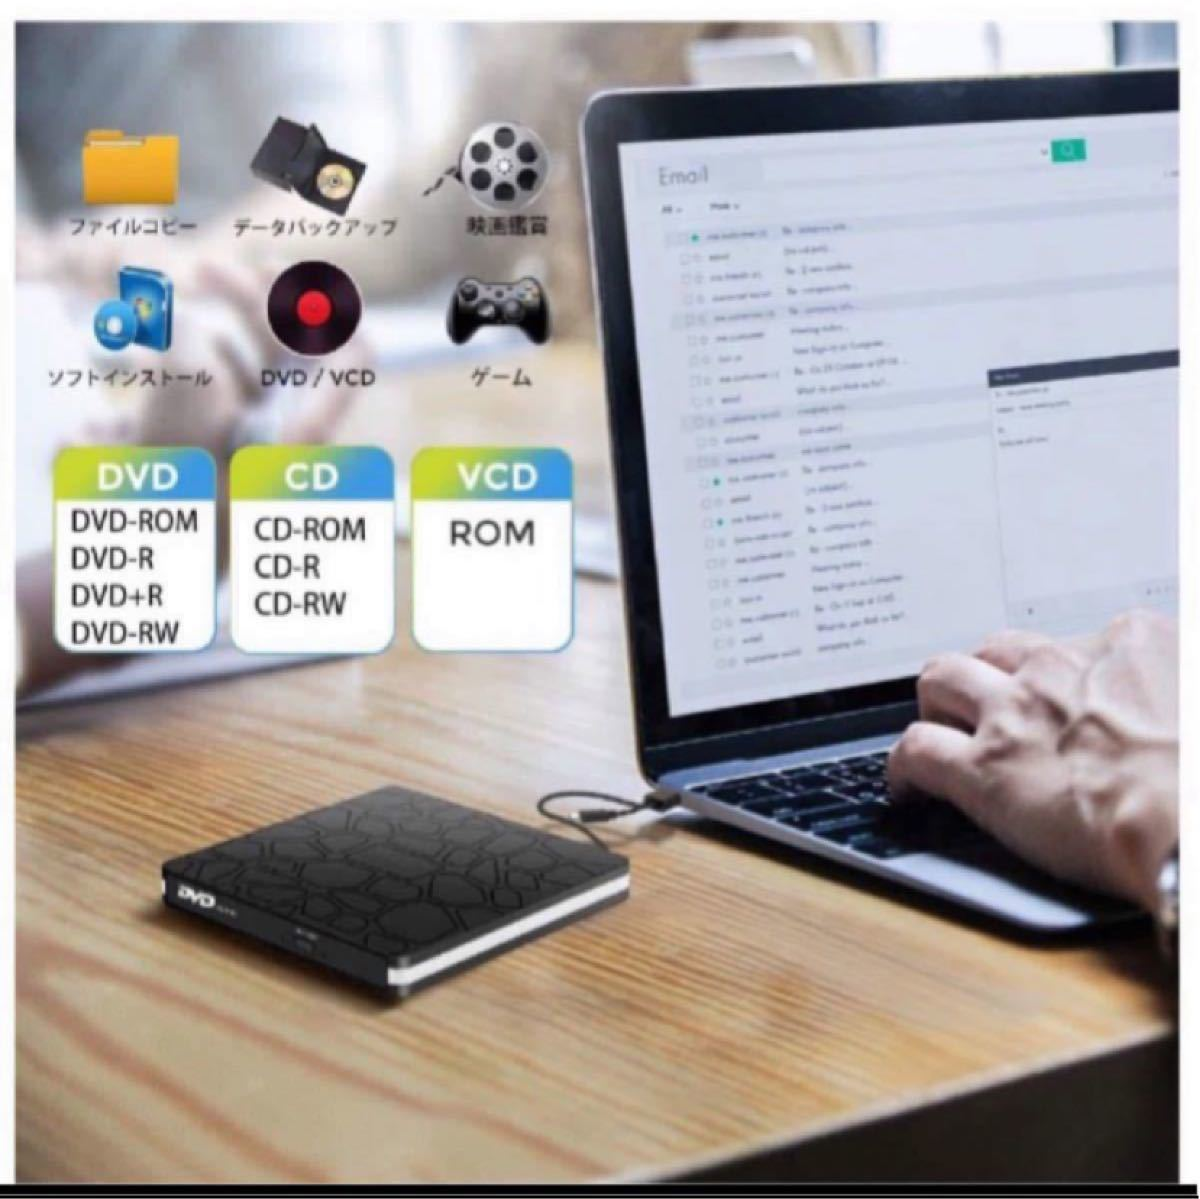 USB3.0 Type C 外付け DVDドライブ CD/DVDプレーヤー Type Cポート搭載ポータブルDVDドライブ高速薄型